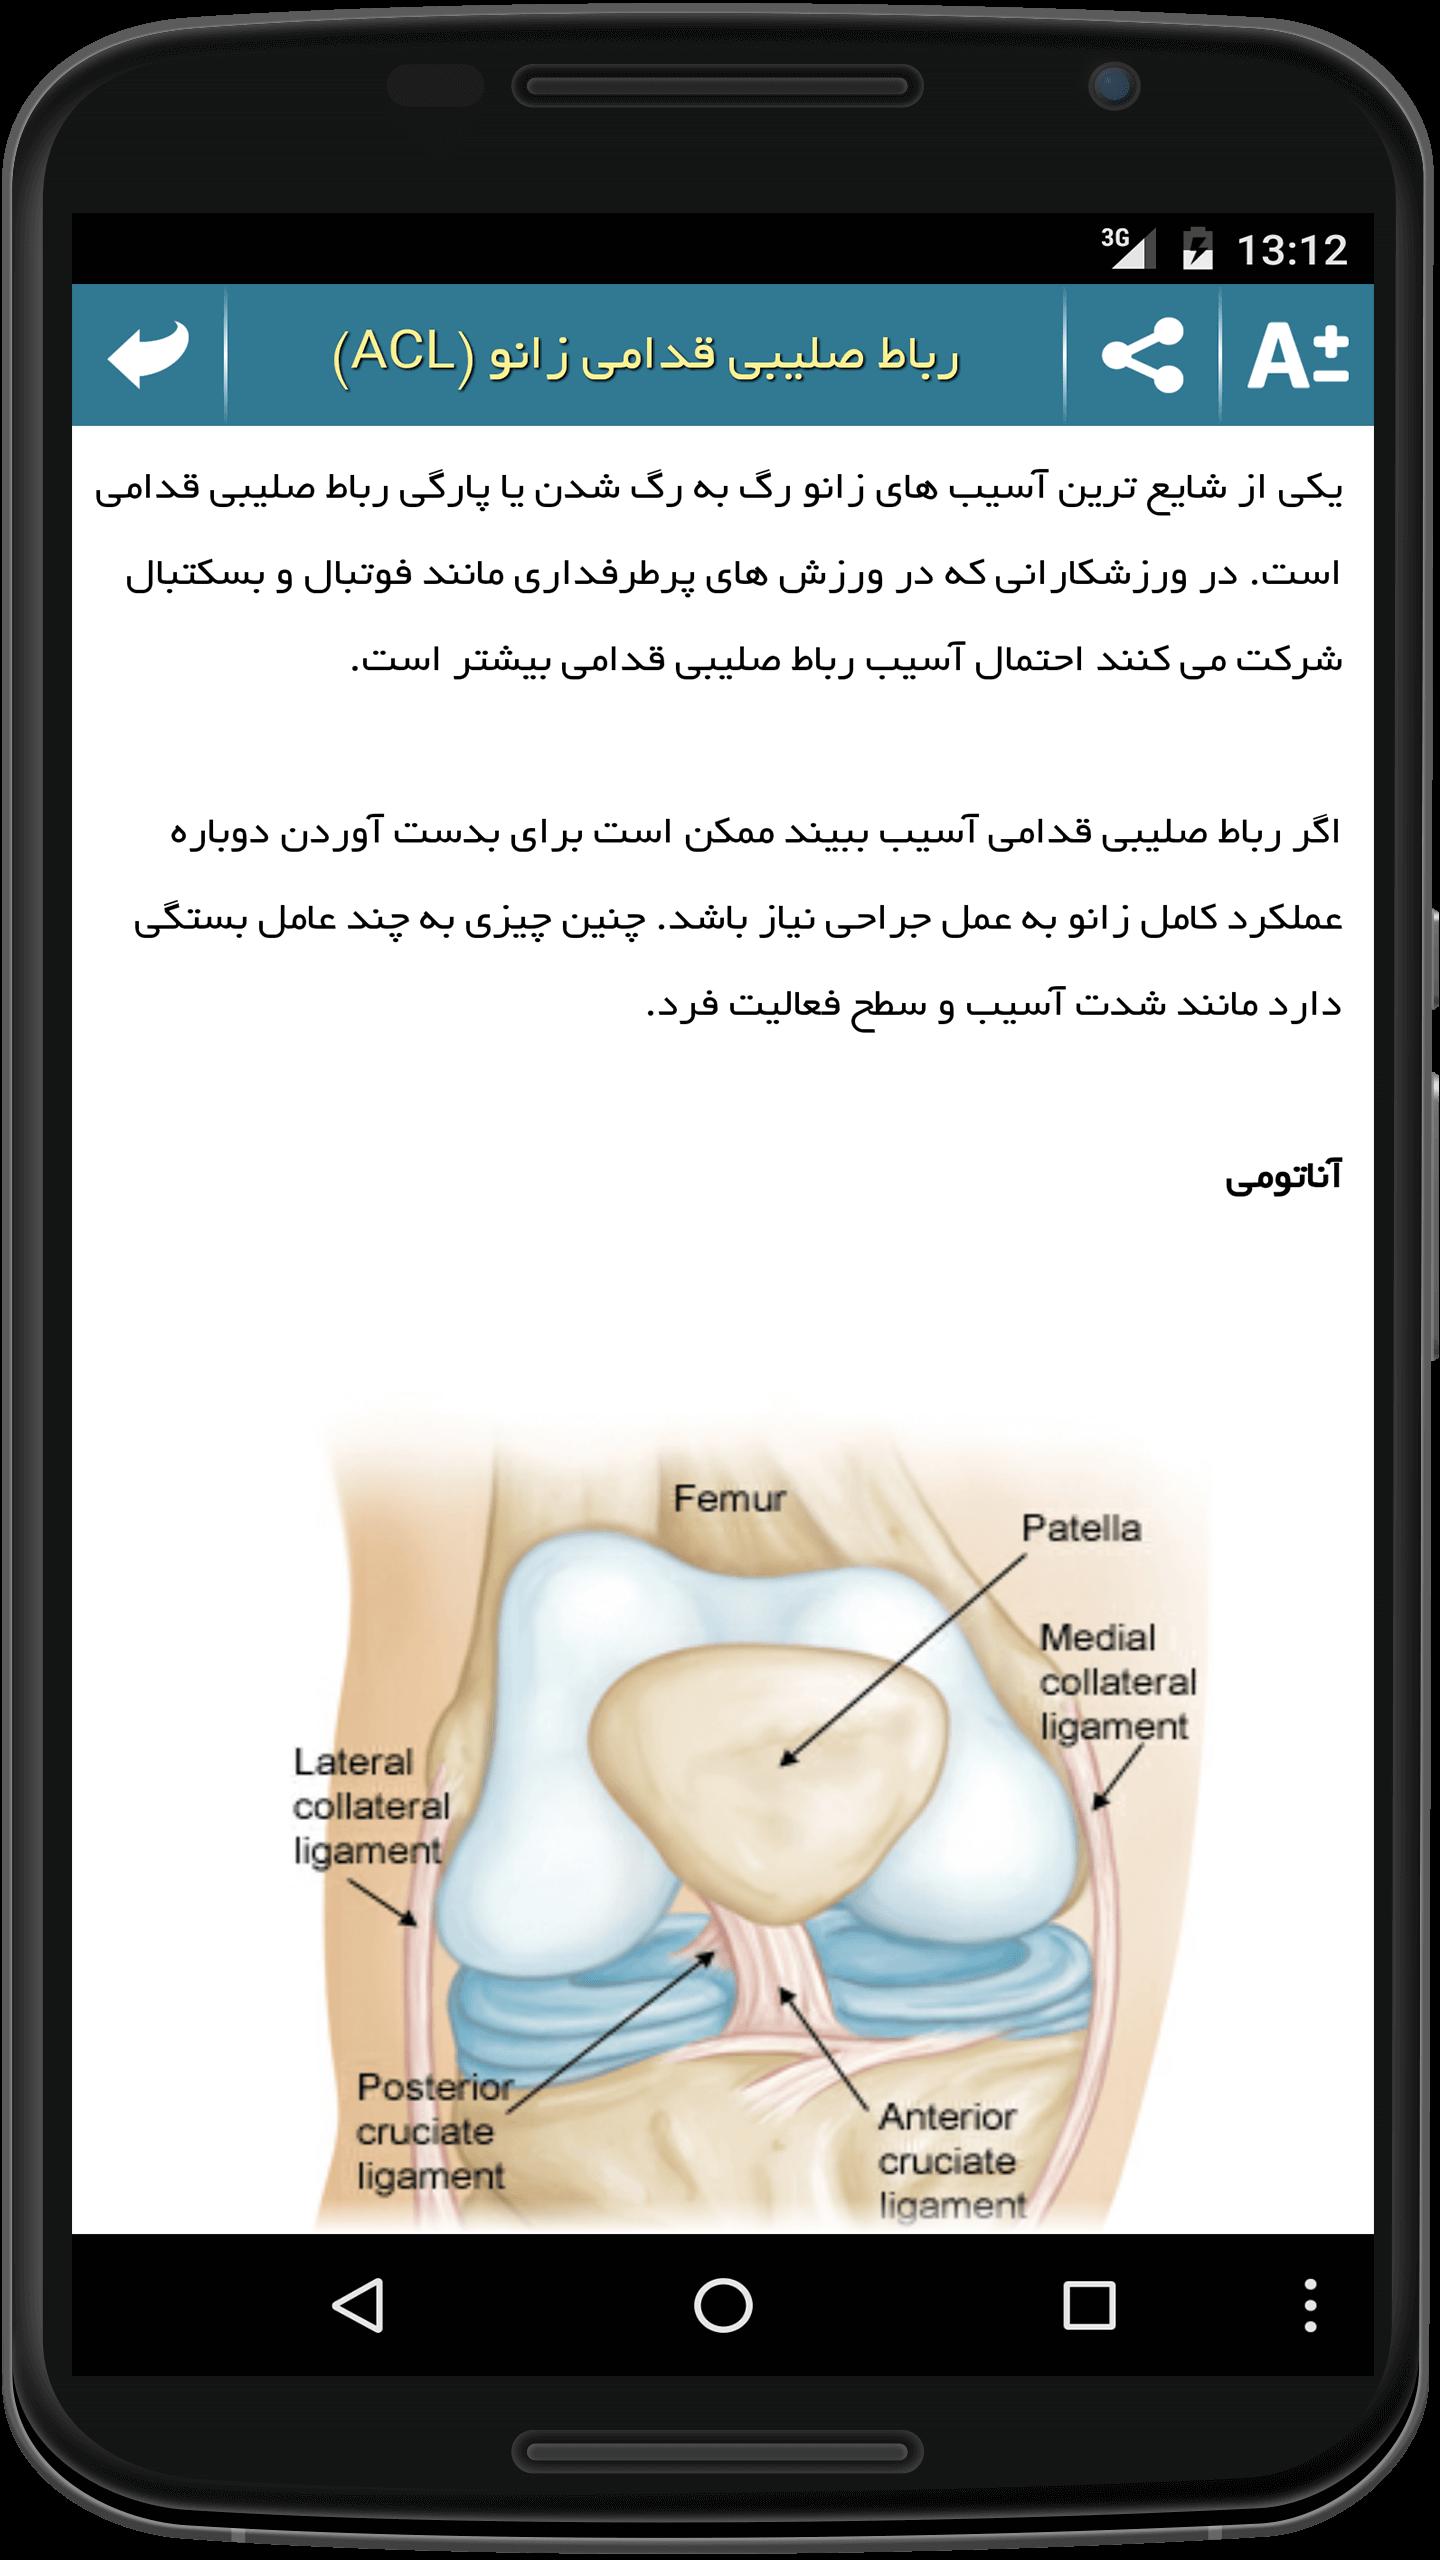 اپلیکیشن درمان بیماریهای زانو | علل زانو درد | درمان درد زانو | جراحی زانو و ...